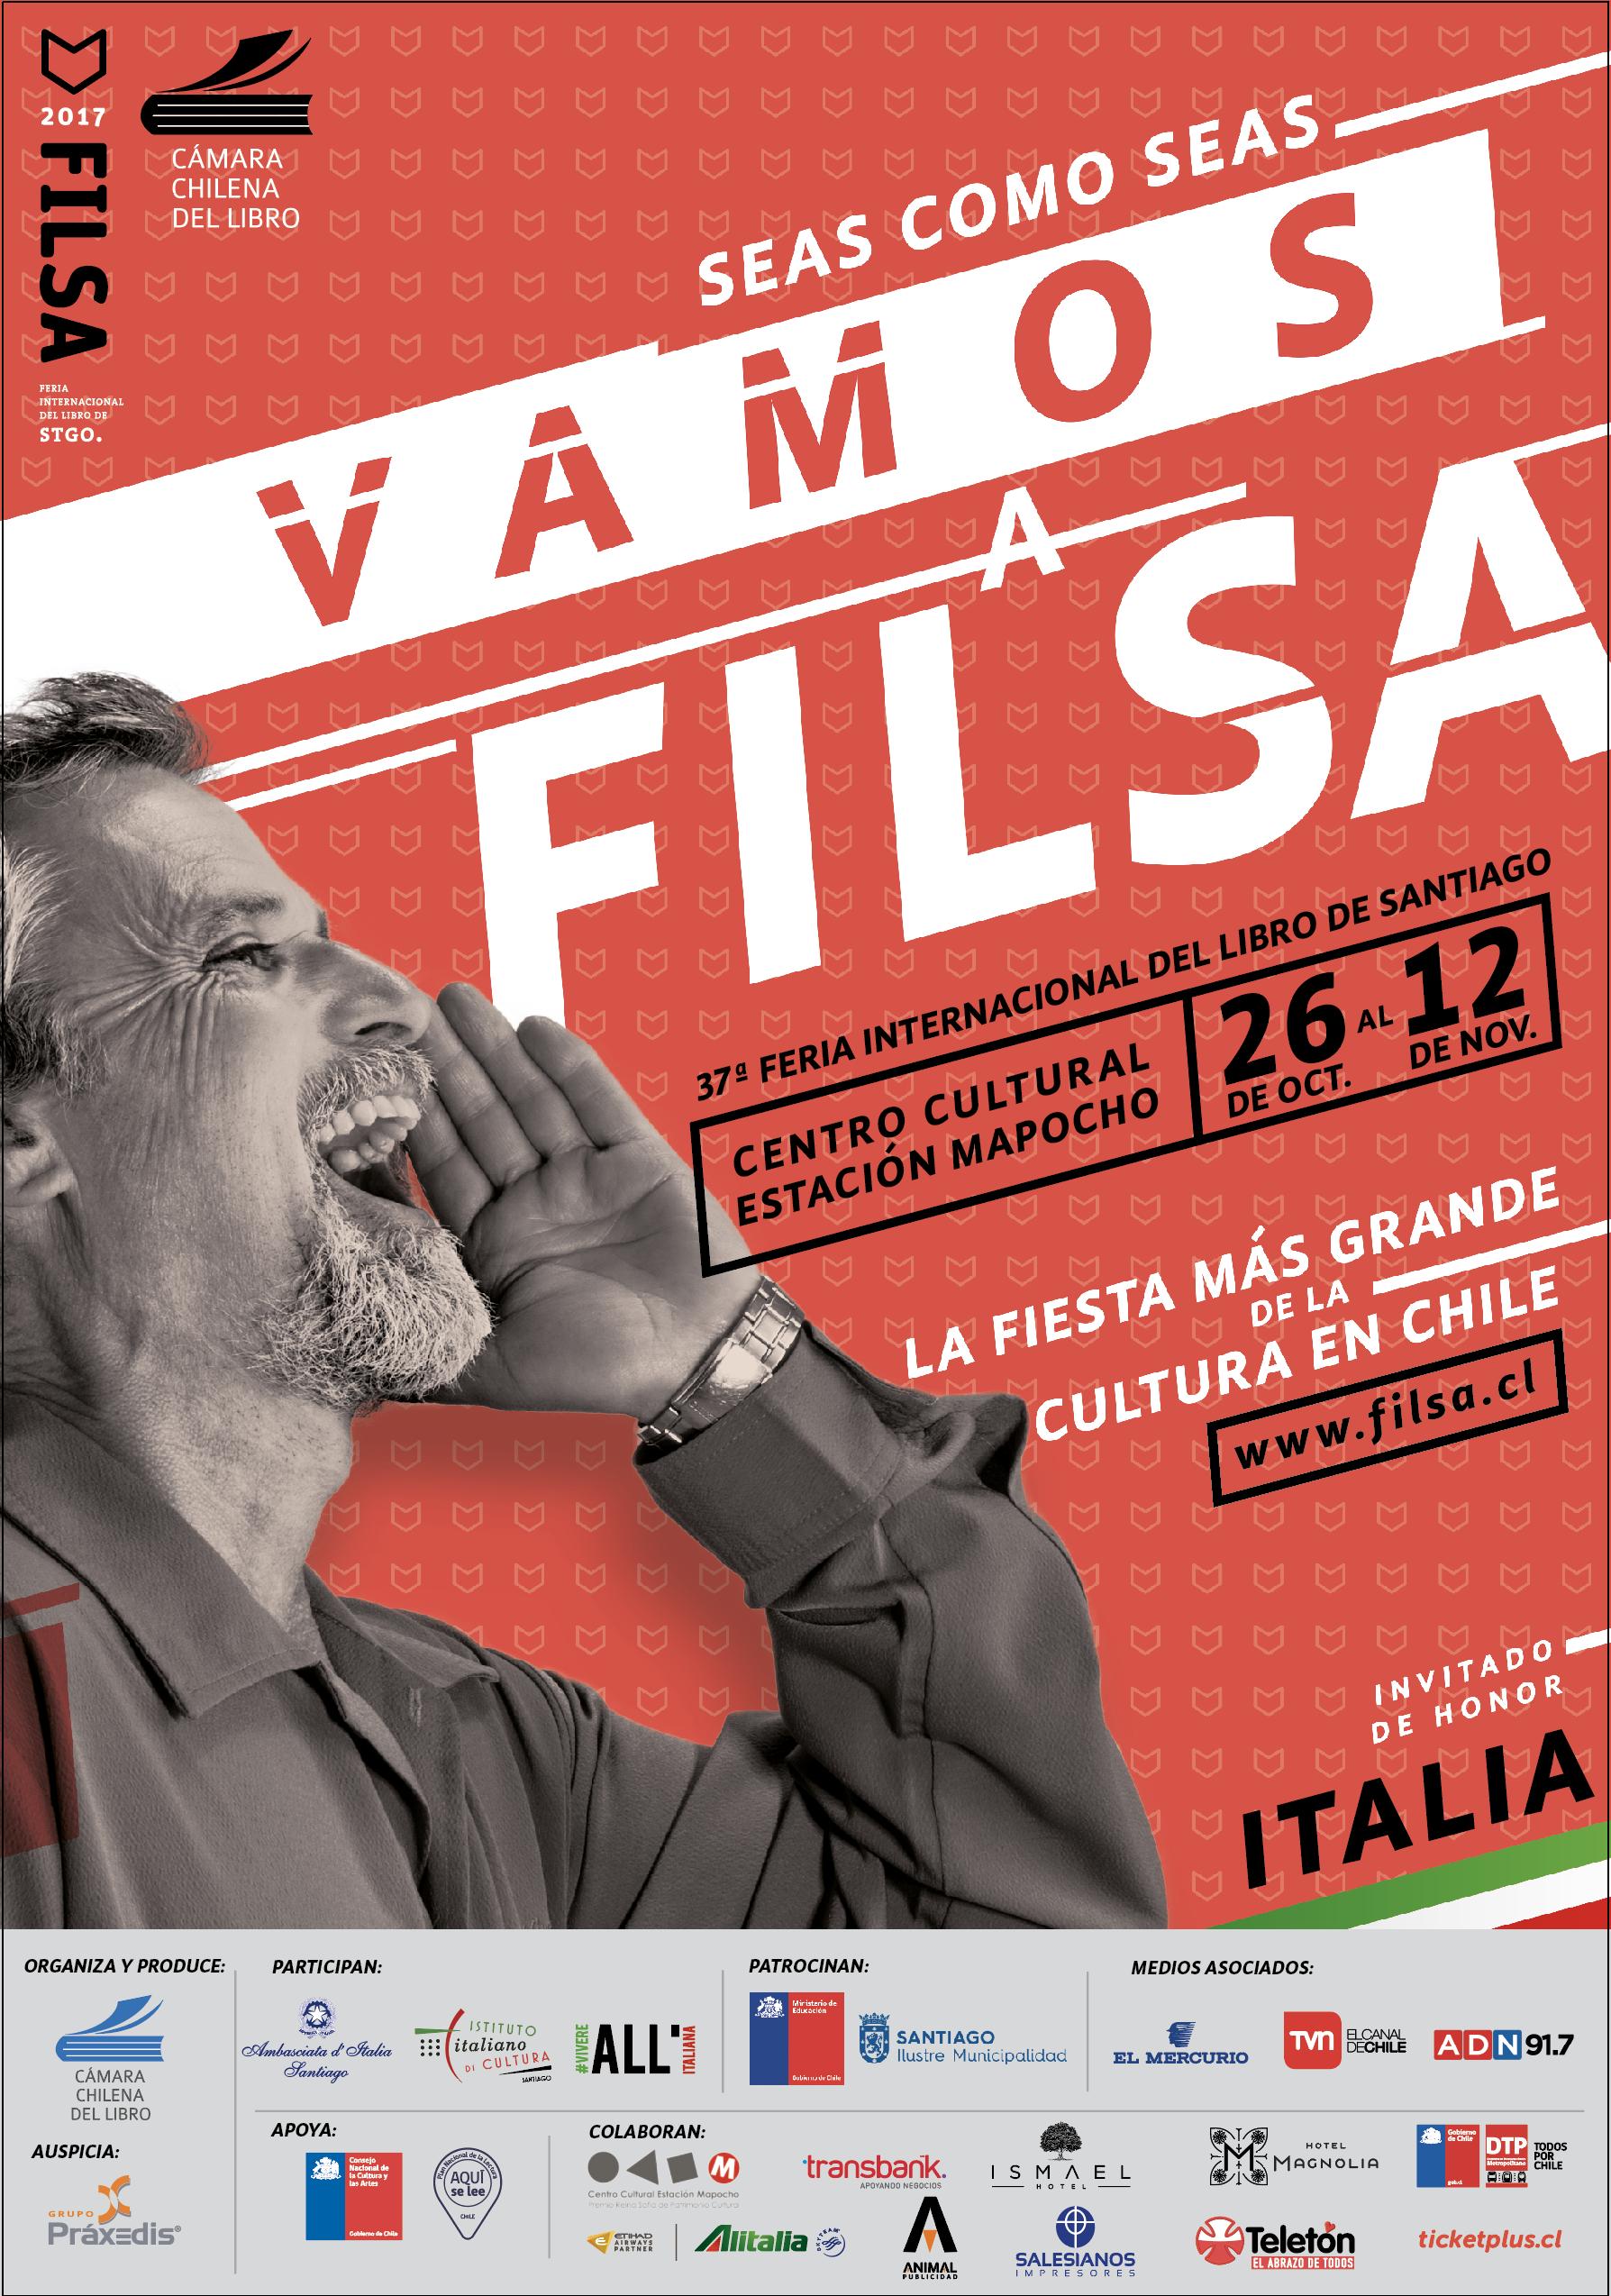 FILSA 2017- Invitado de honor, Italia